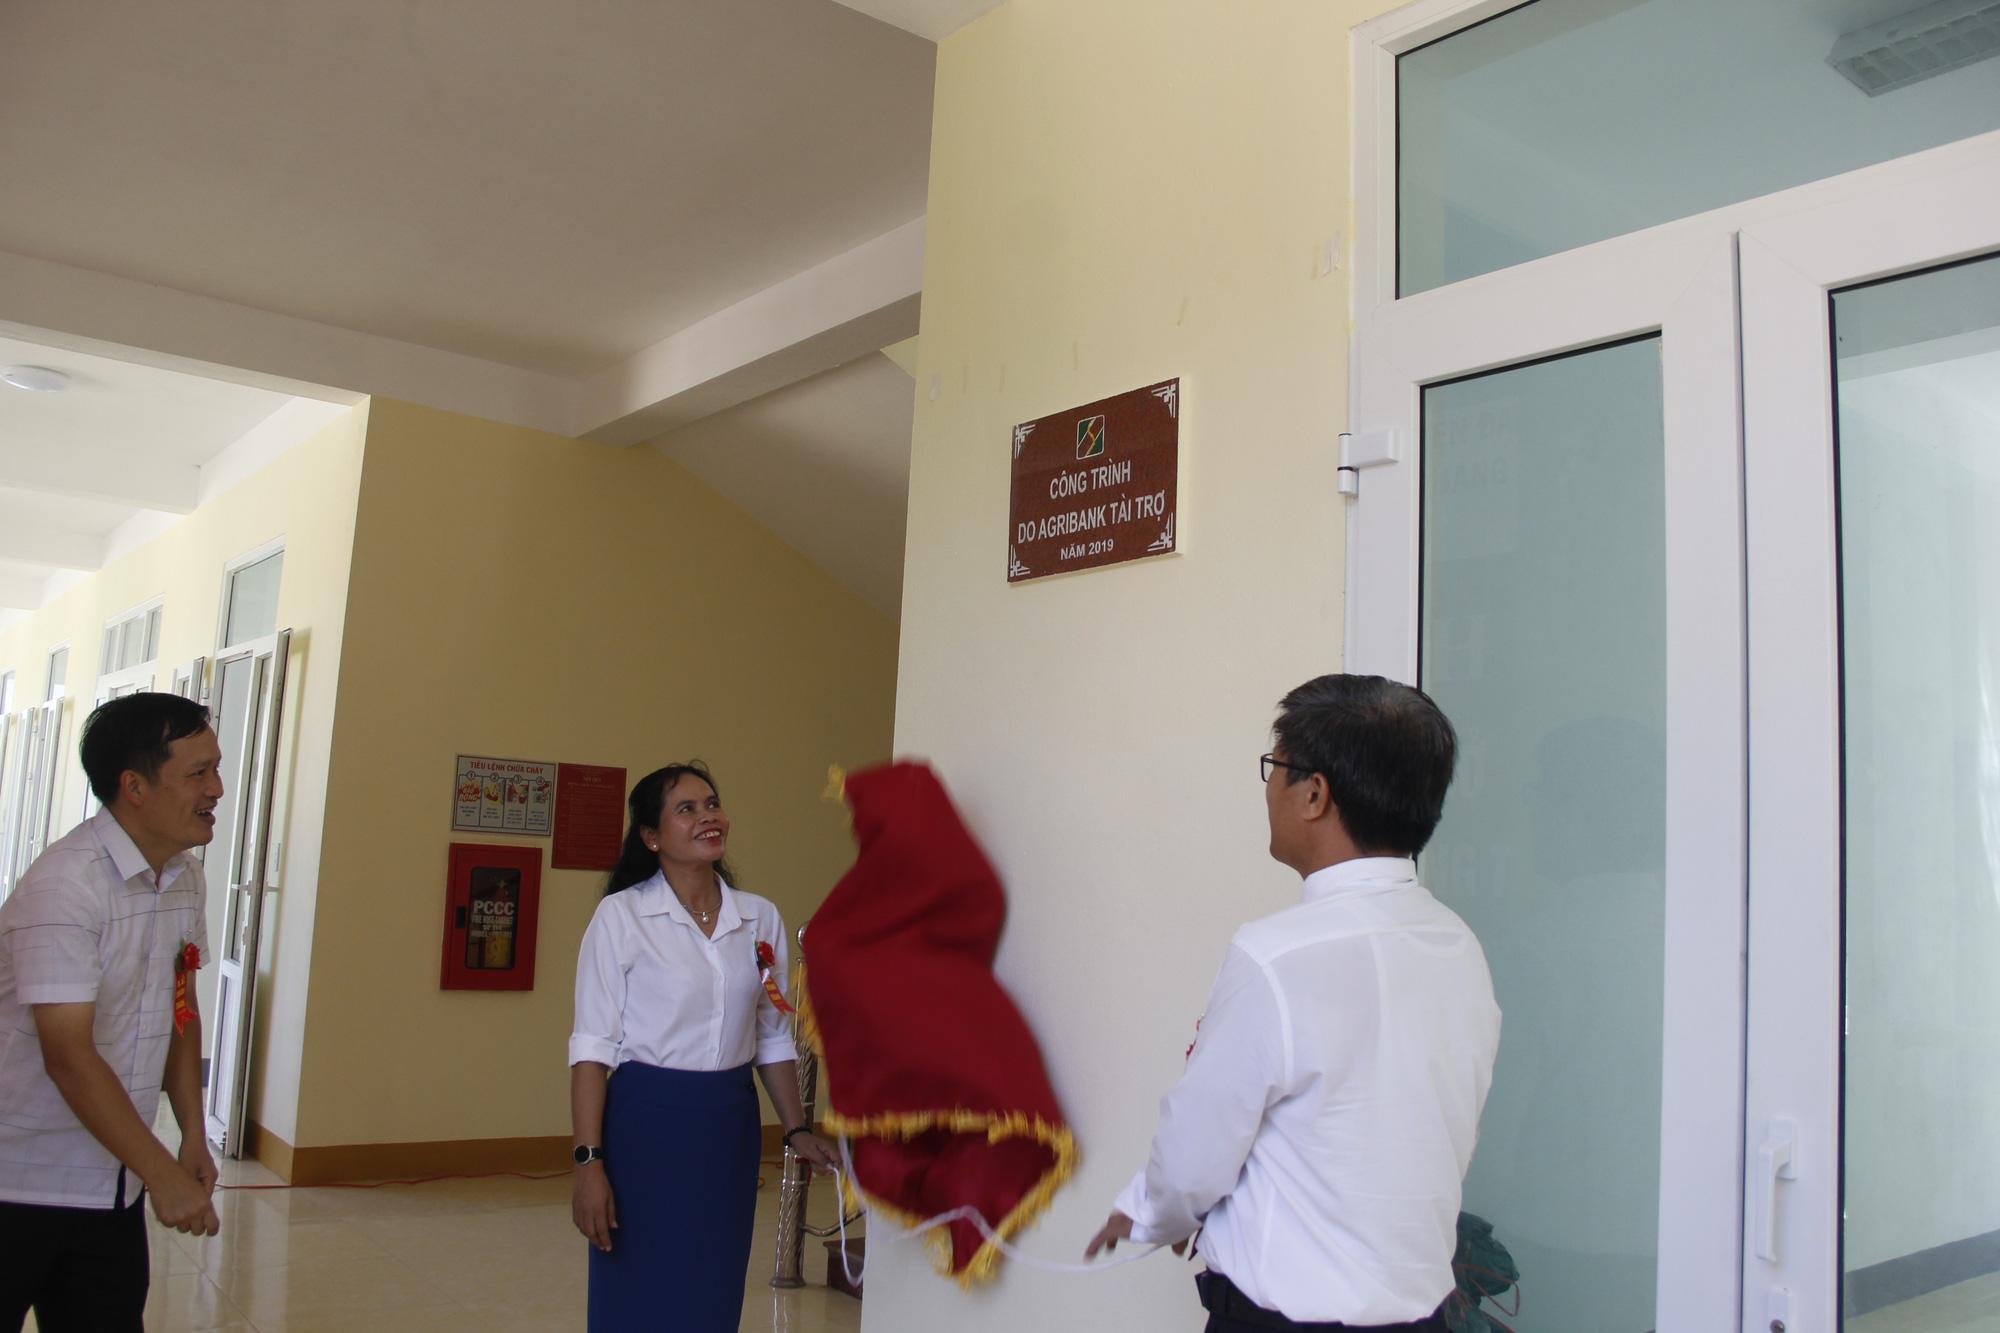 Ngân hàng Agribank xây trường học 5 tỷ đồng ở Quảng Trị - Ảnh 4.